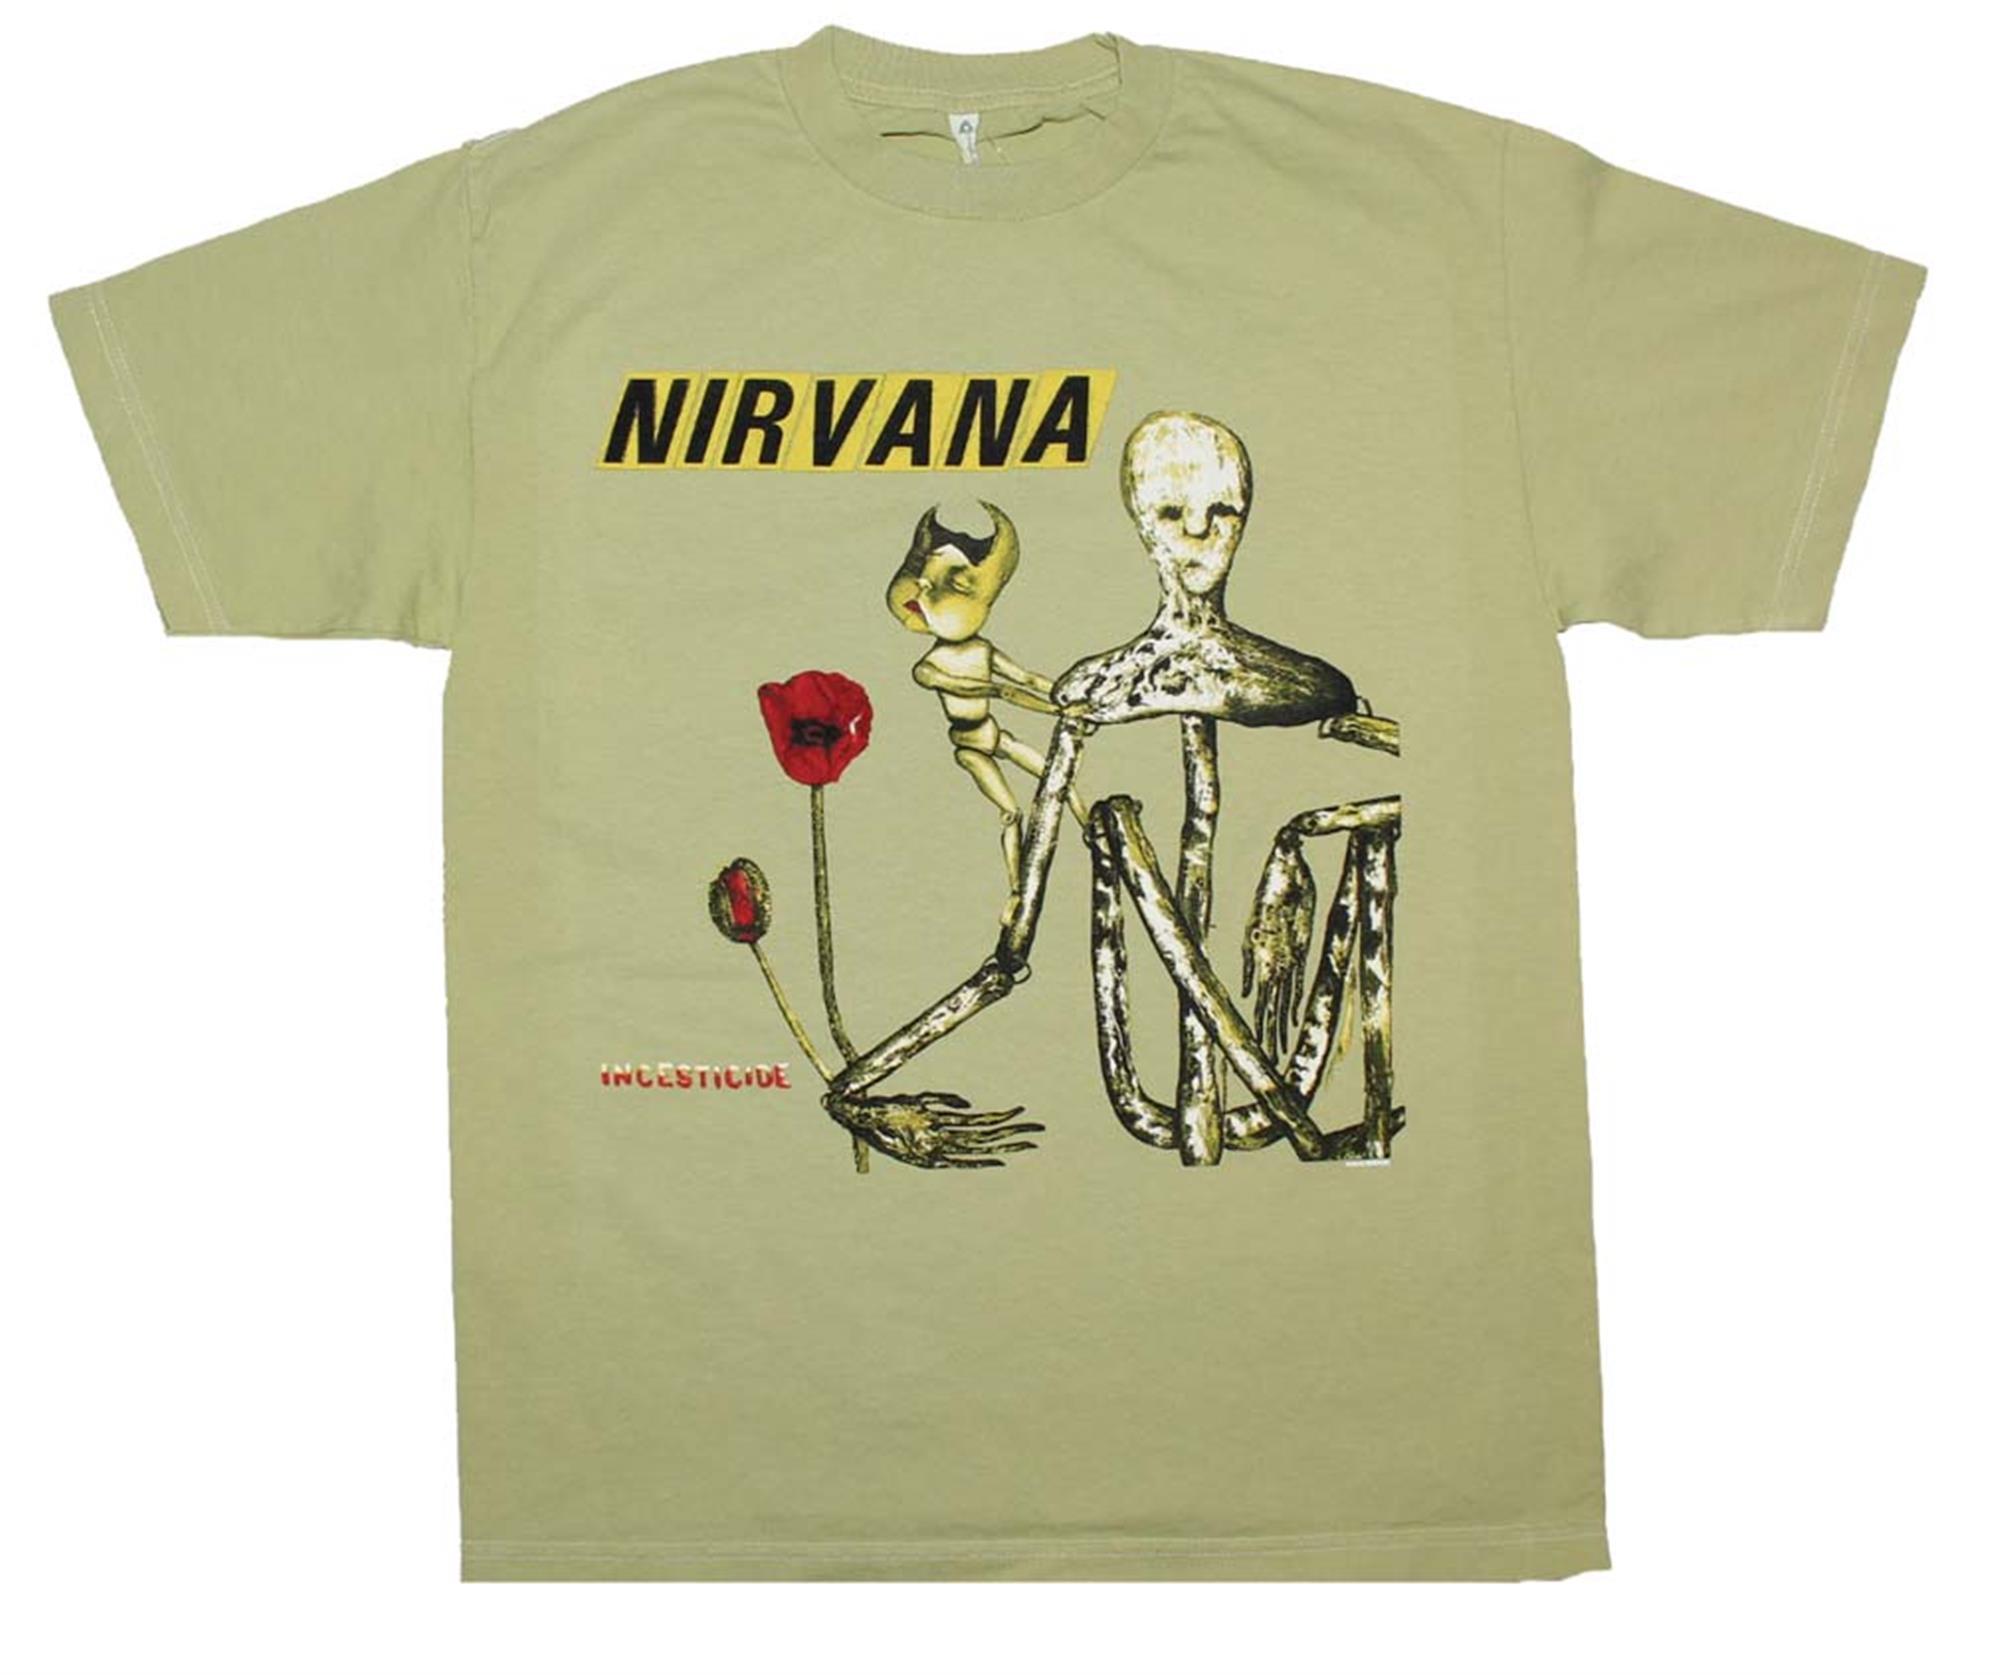 Nirvana Incesticide Album T-Shirt